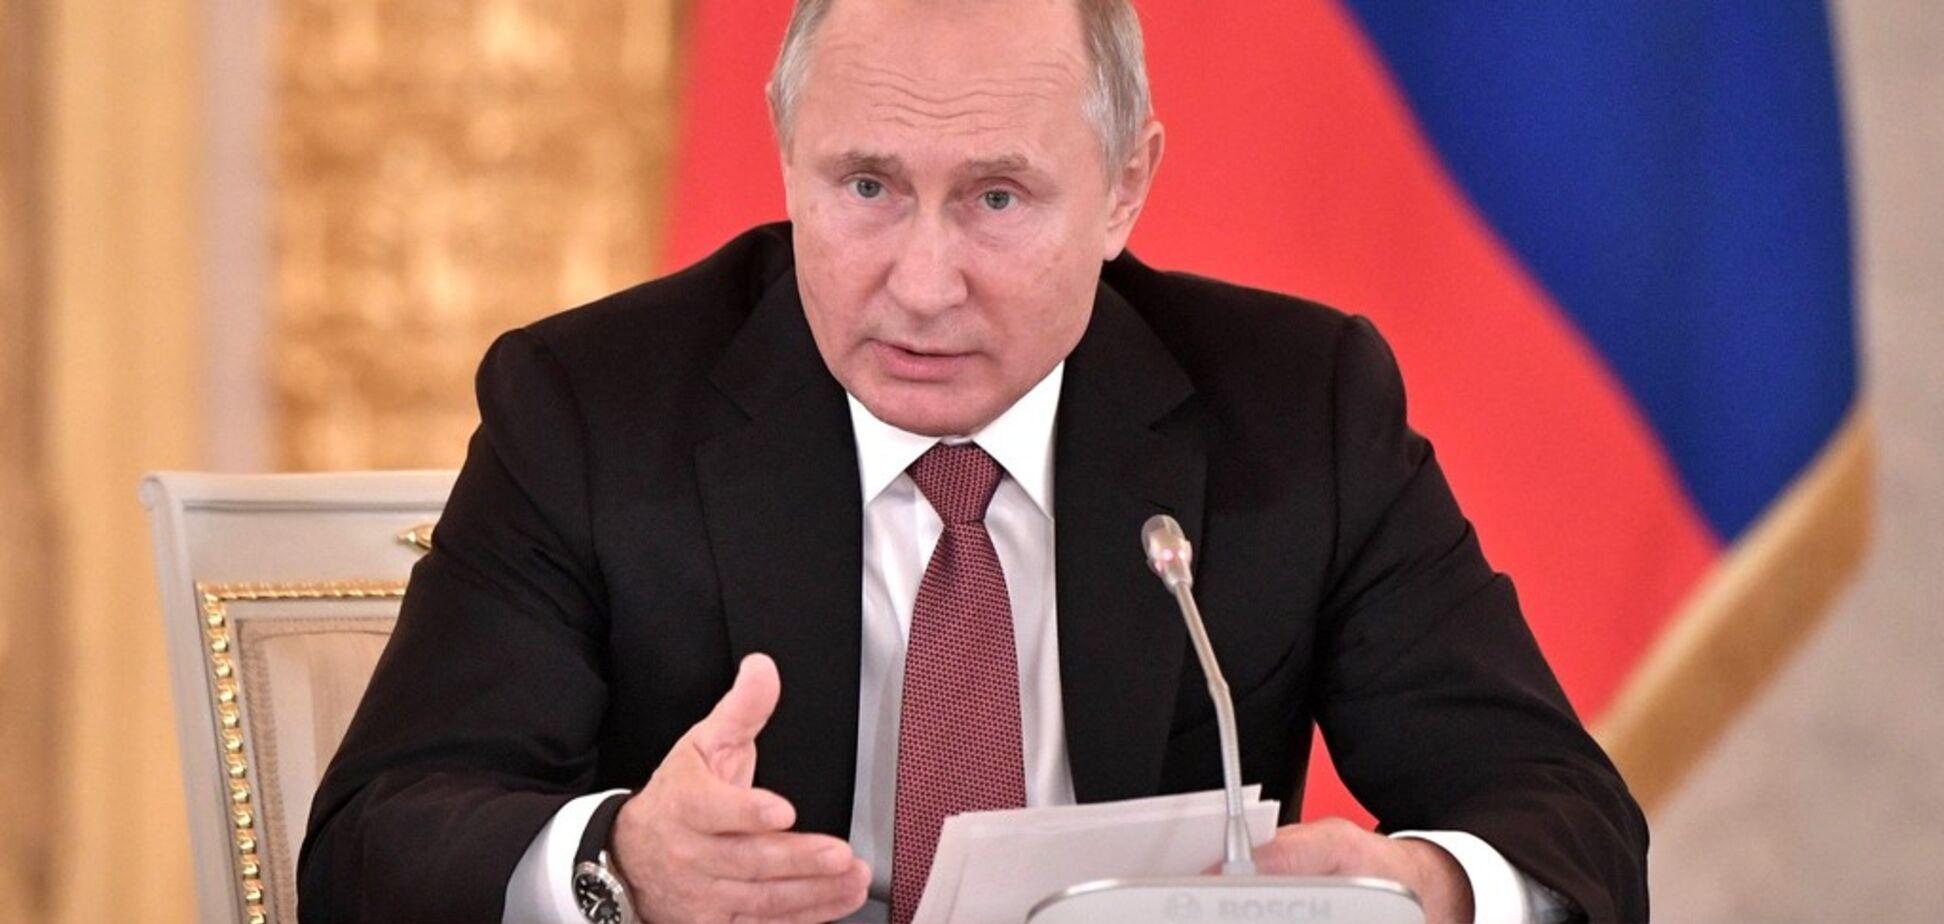 ''Помилка історії'': Путіну пригадали нахабну заяву про Україну